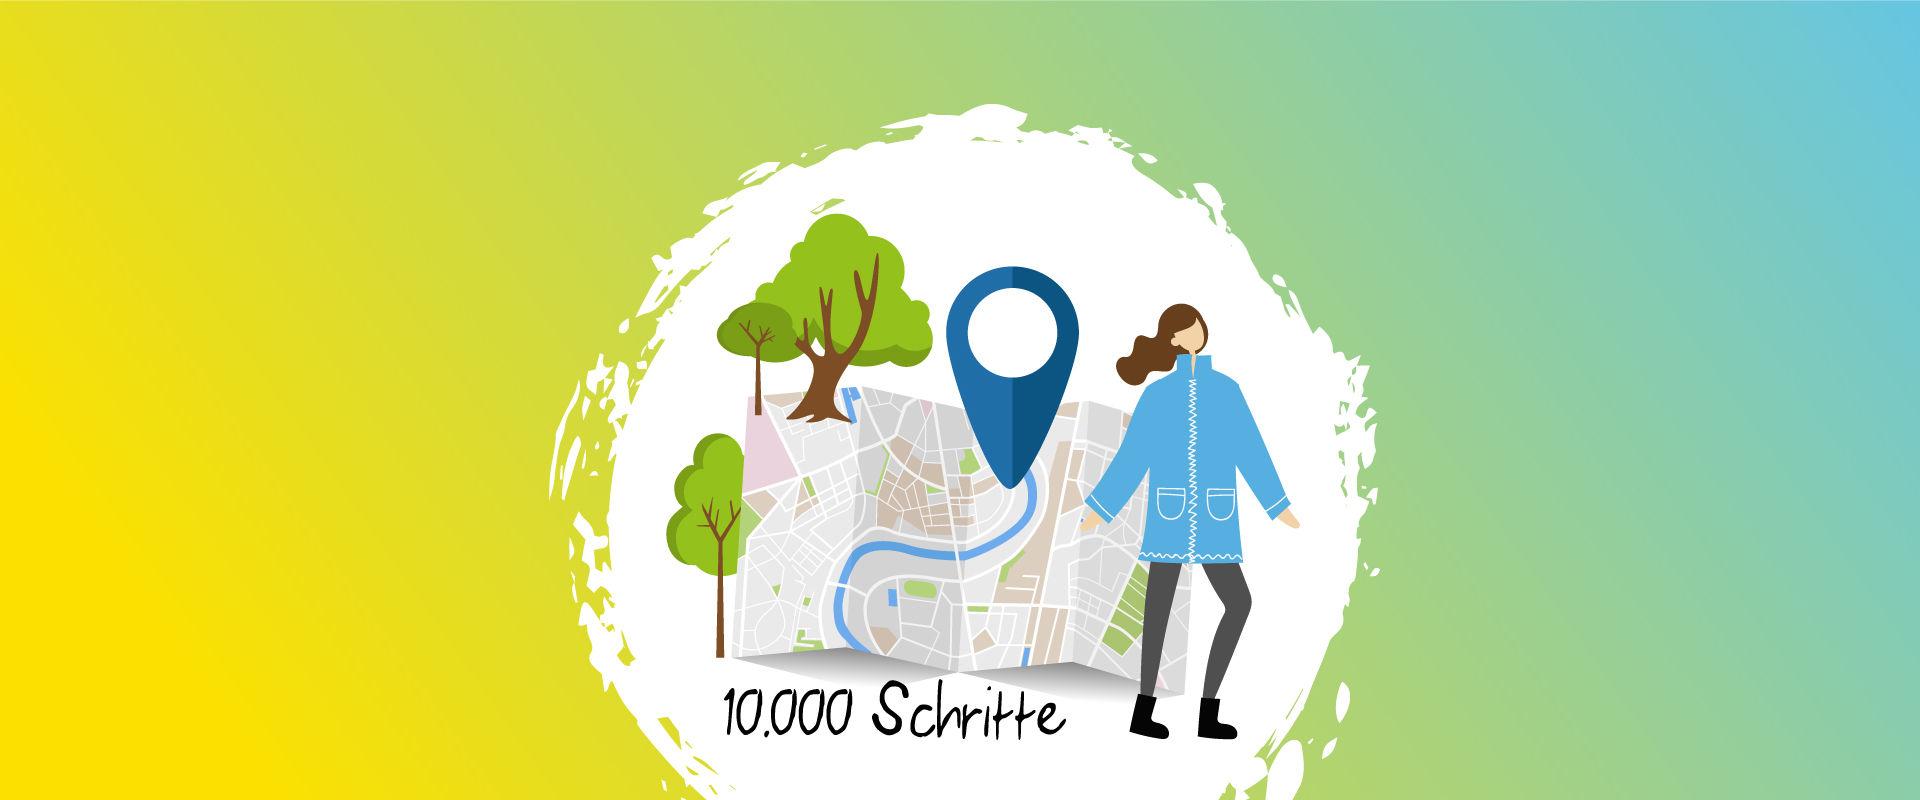 10.000 Schritte am Tag - ist das wirklich gesund?